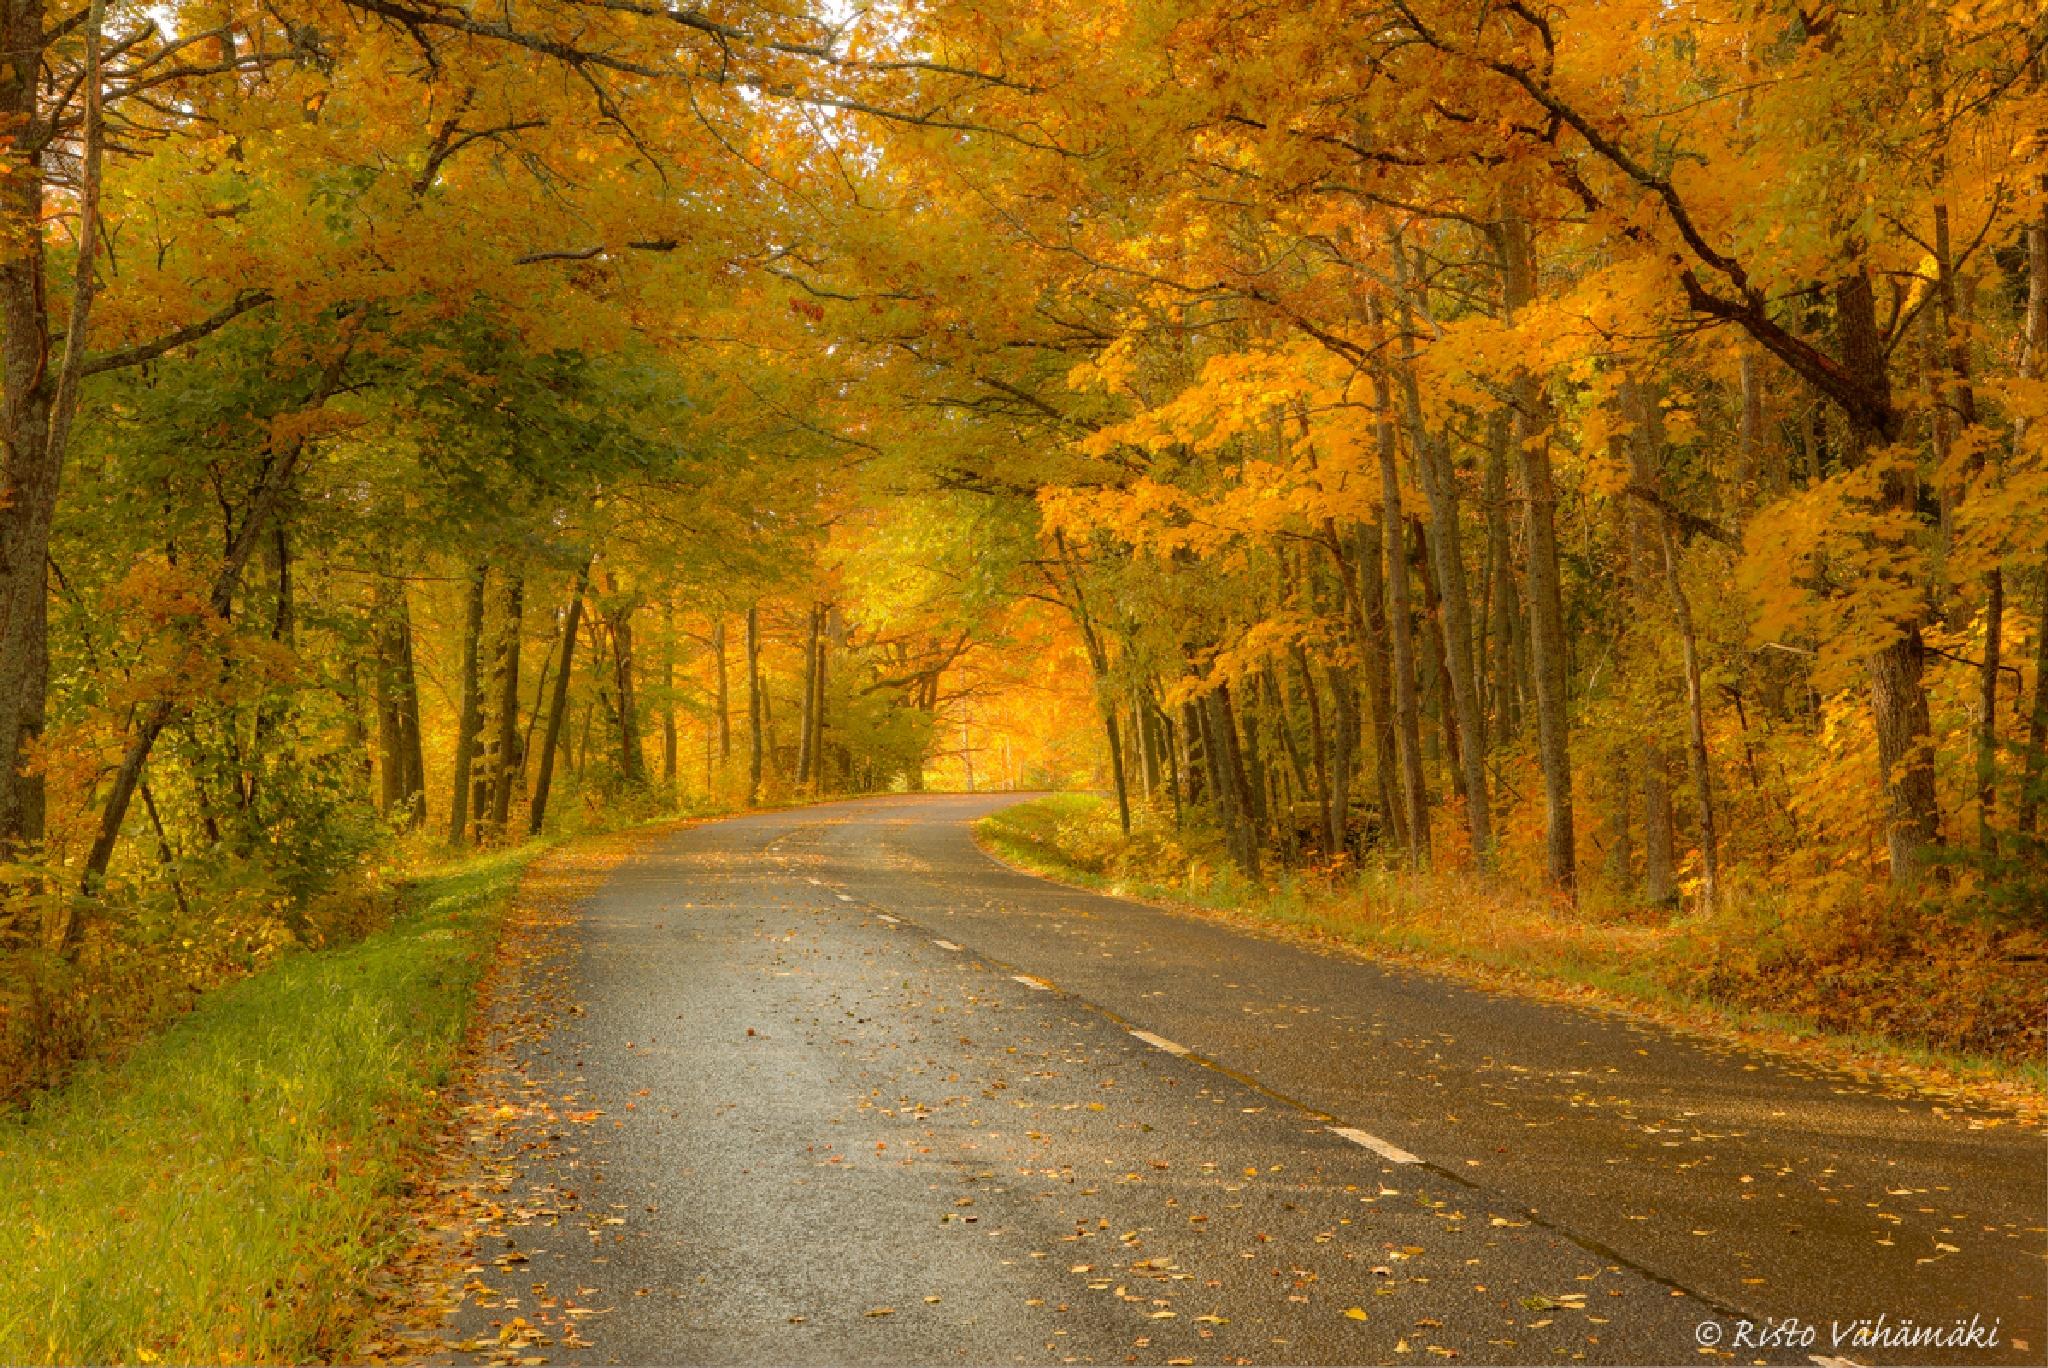 Autumn Road by Risto Vähämäki